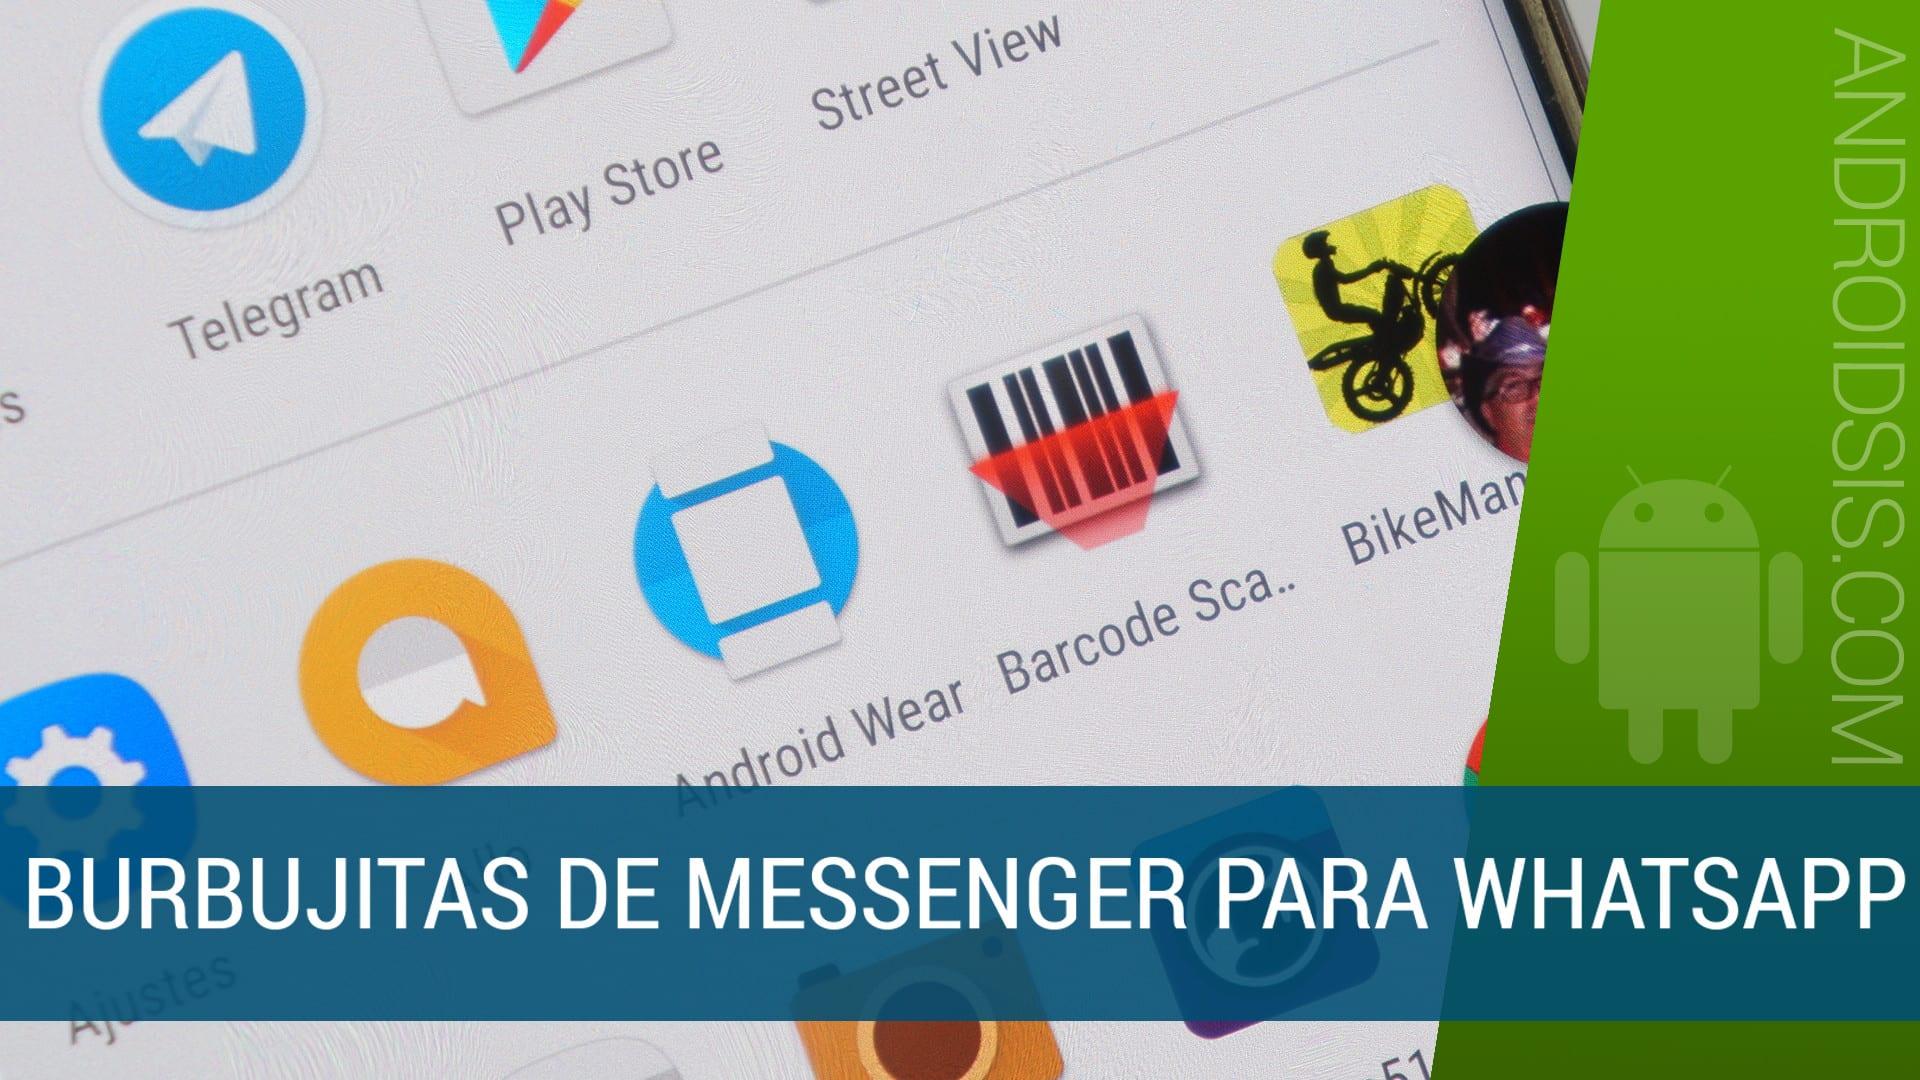 Flychat, las burbujitas de Messenger para WhatsApp, Telegram, Hangouts, Skype, etc, etc.....